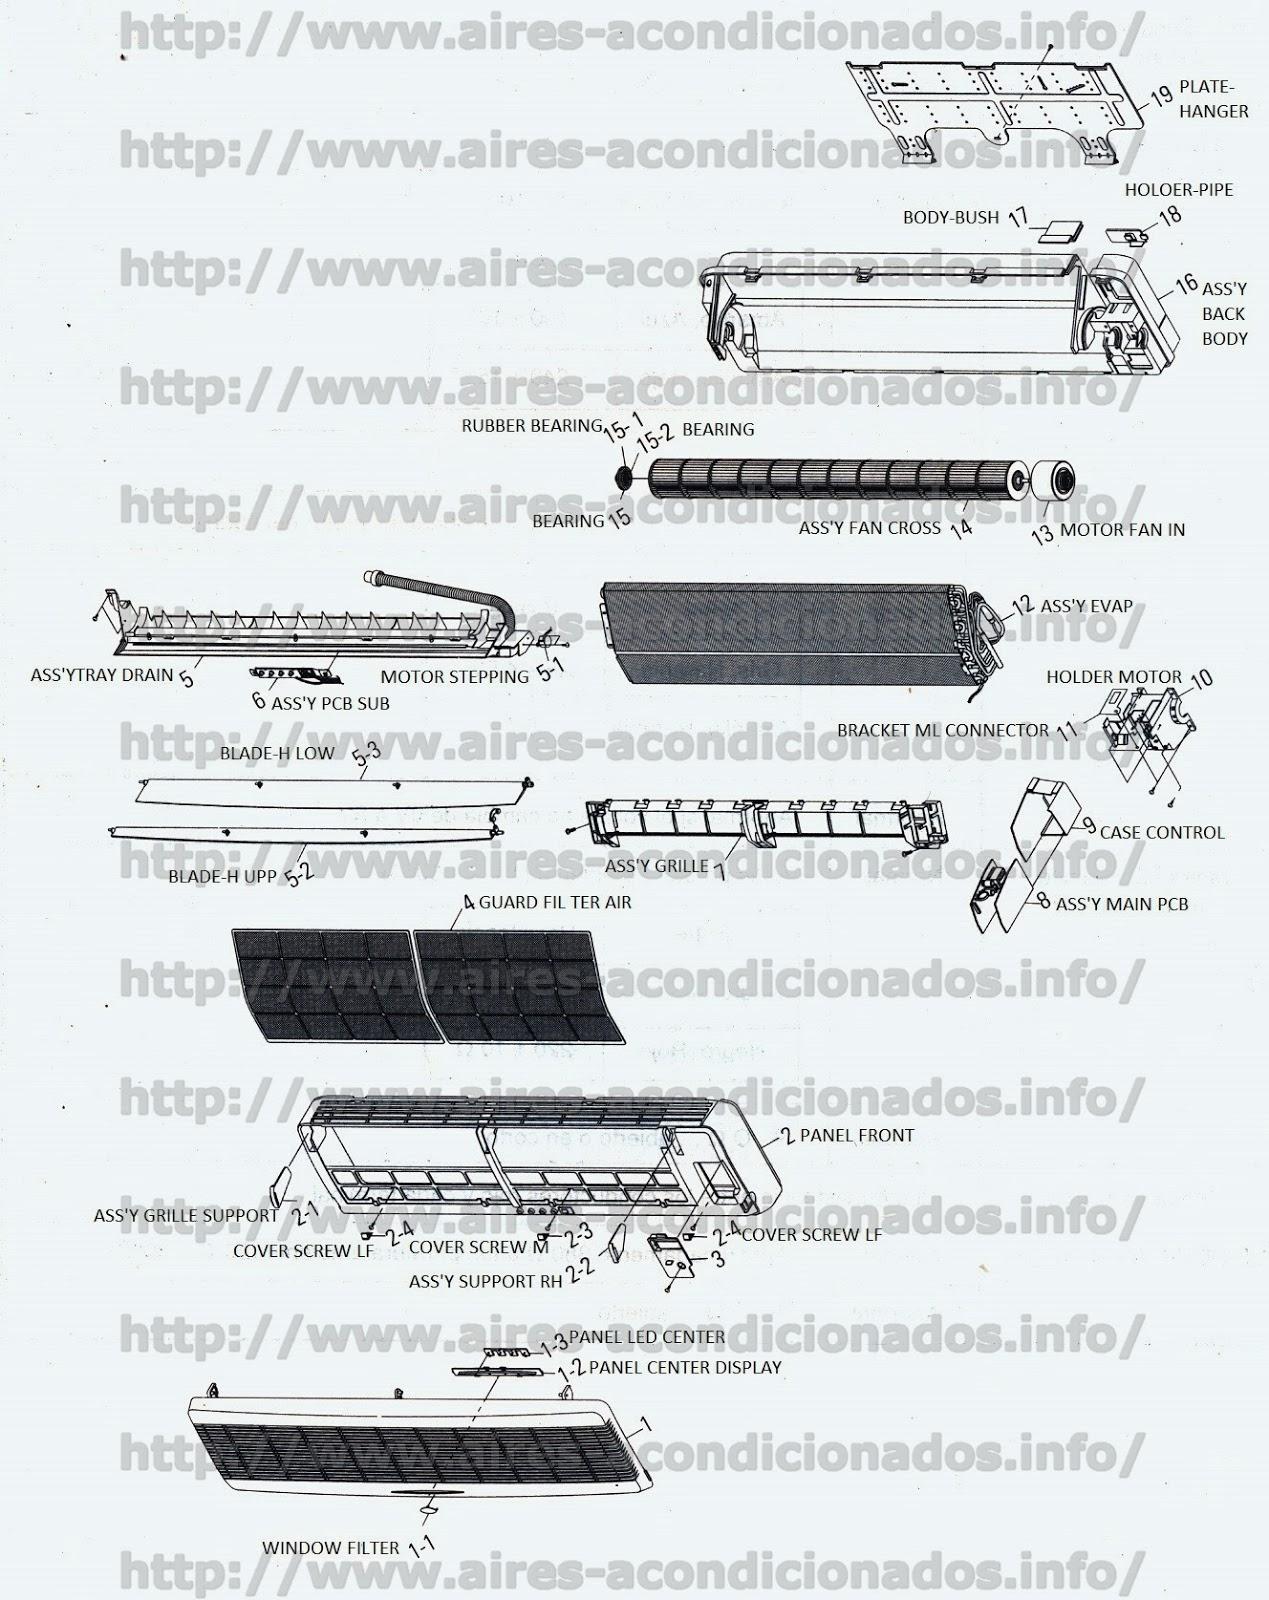 Partes de un minisplit pdf